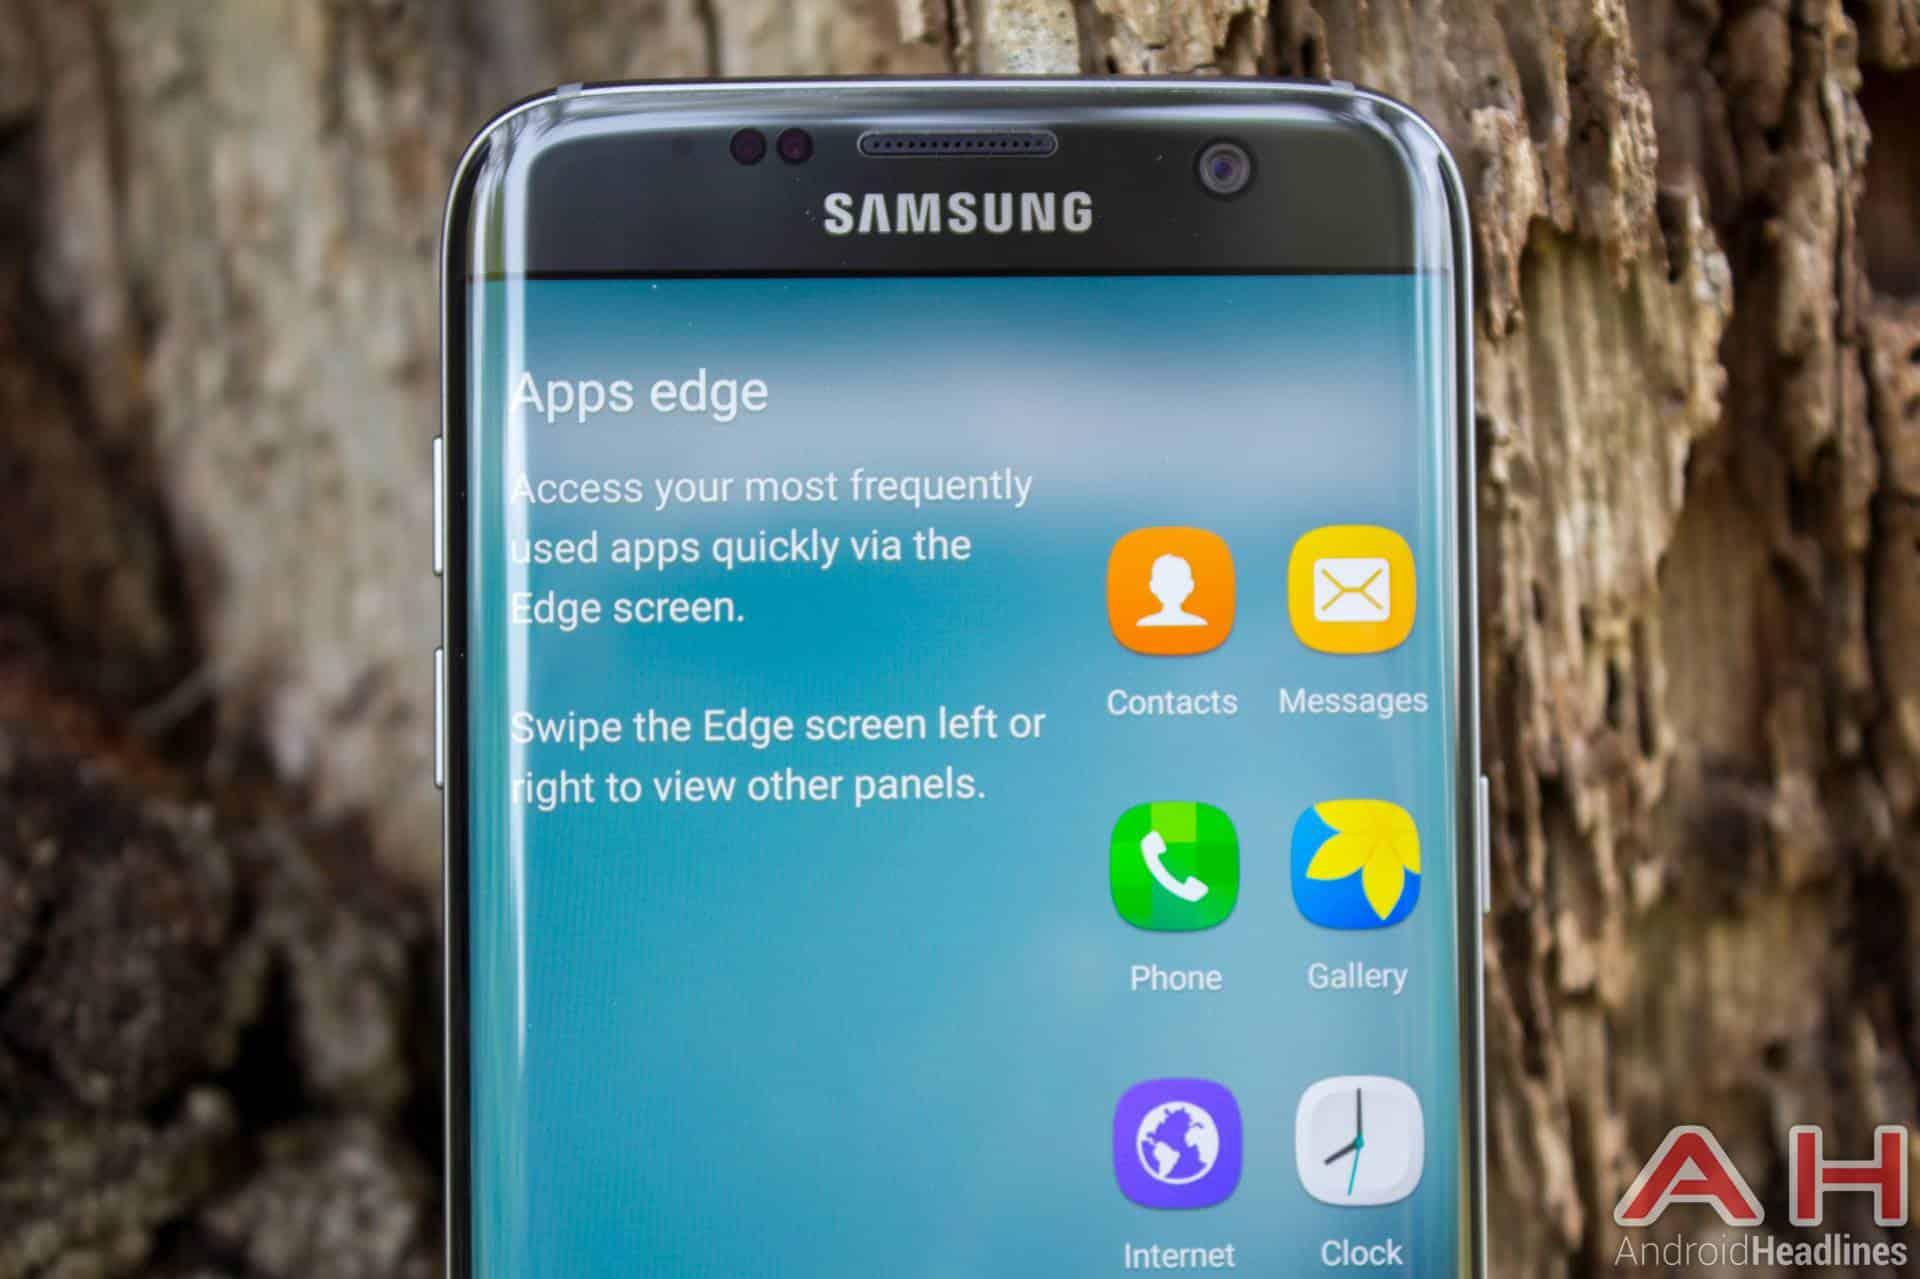 Samsung-Galaxy-S7-Edge-AH-NS-apps-edge